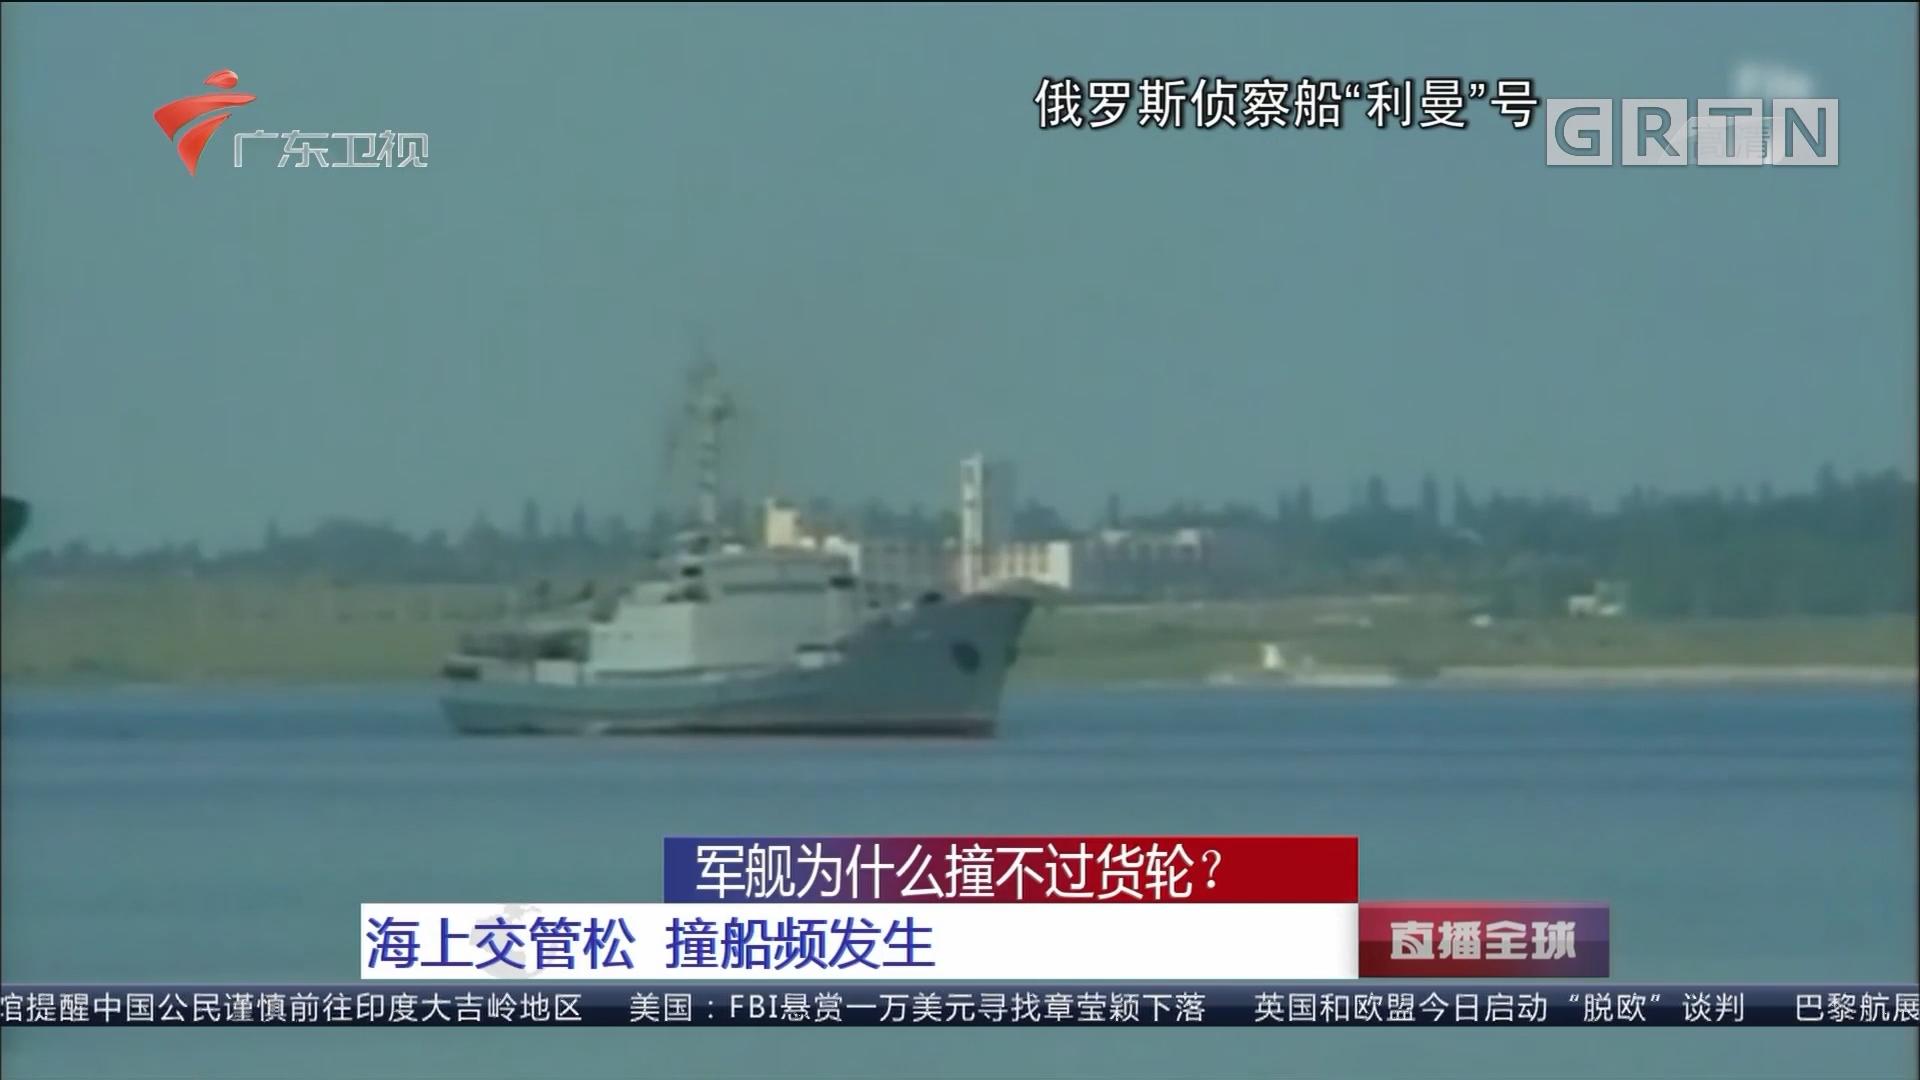 军舰为什么撞不过货轮?海上交管松 撞船频发生